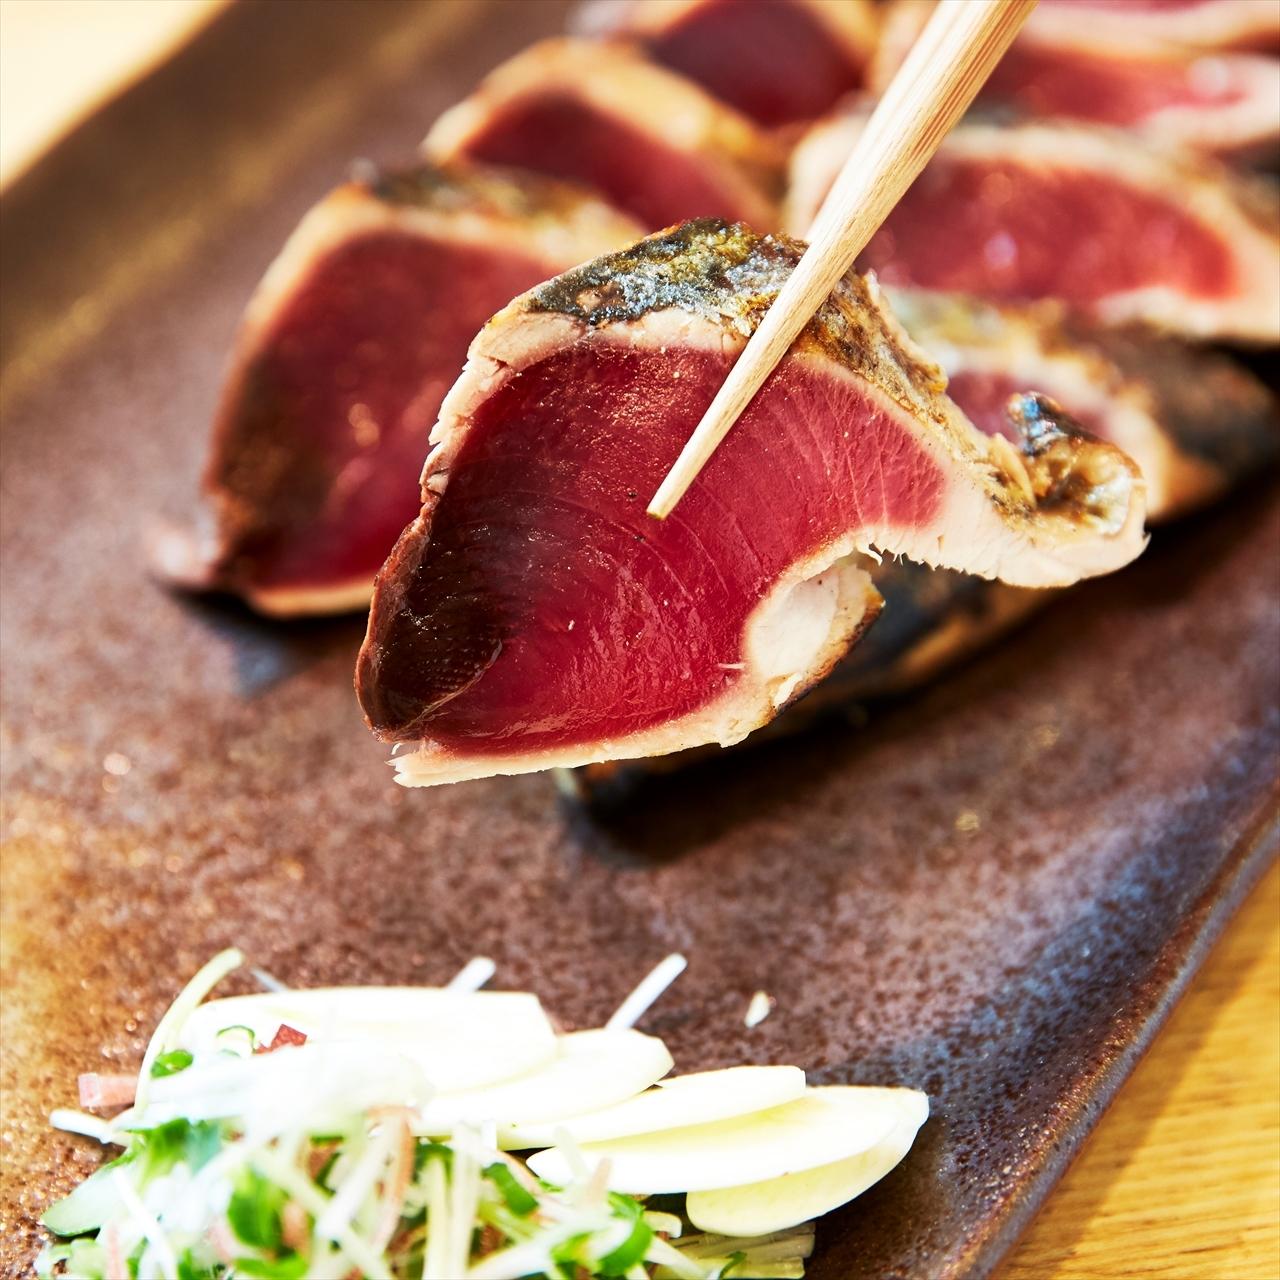 (0289)【カツオの美味しい季節到来!】焼津産 藁焼カツオタタキ